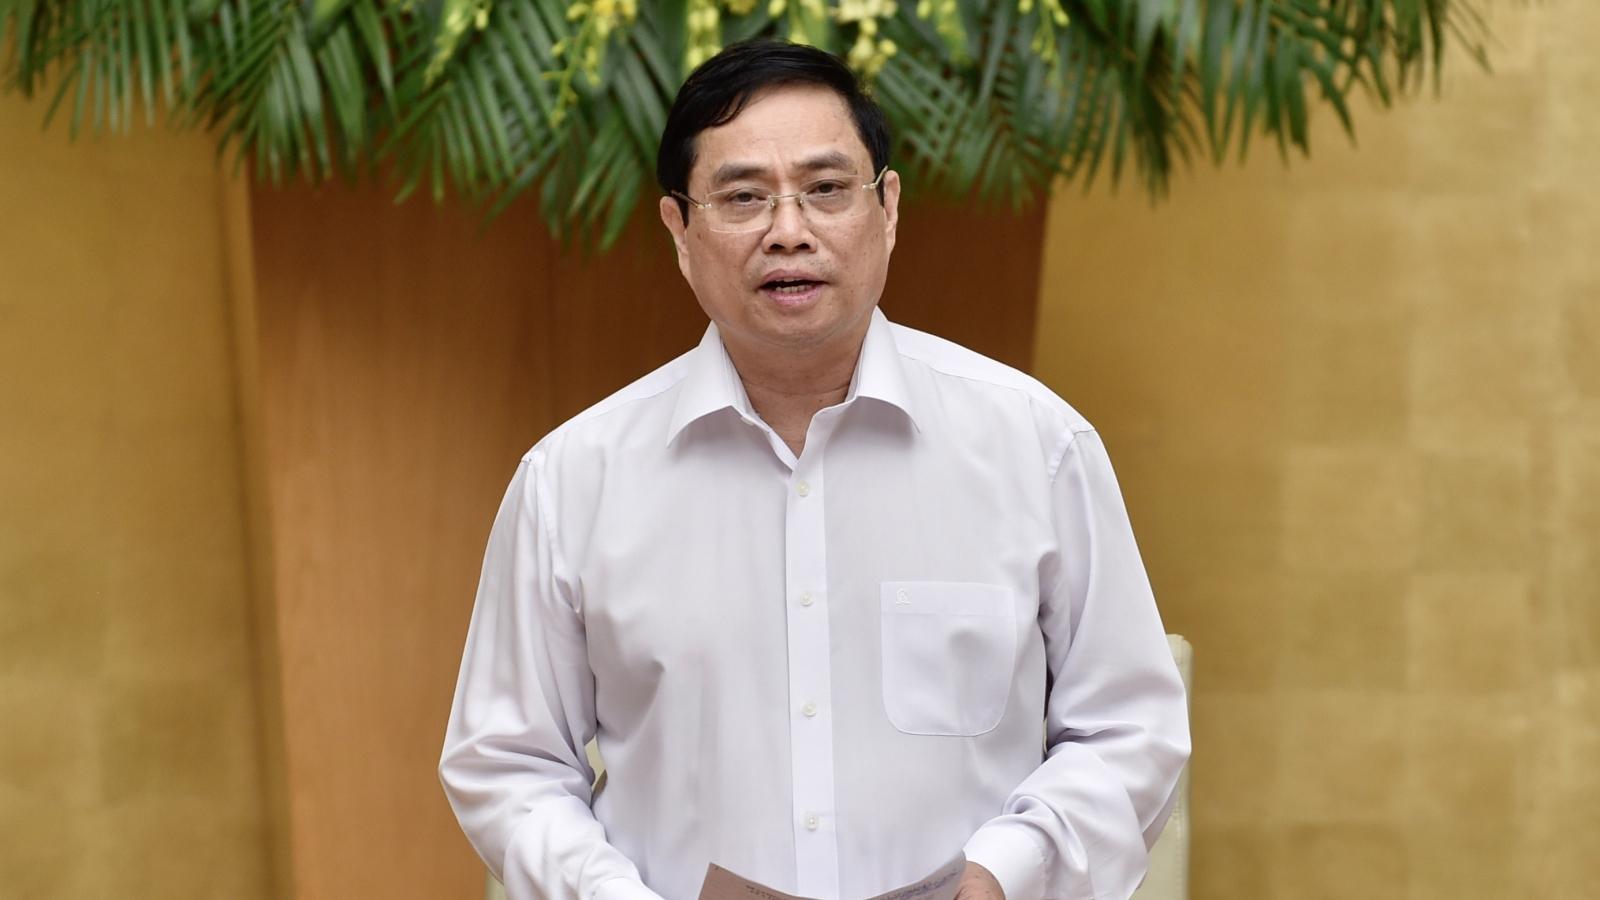 Thủ tướng: Cần chủ động, linh hoạt, sáng tạo, hài hòa giữa chống dịch và phát triển KT-XH